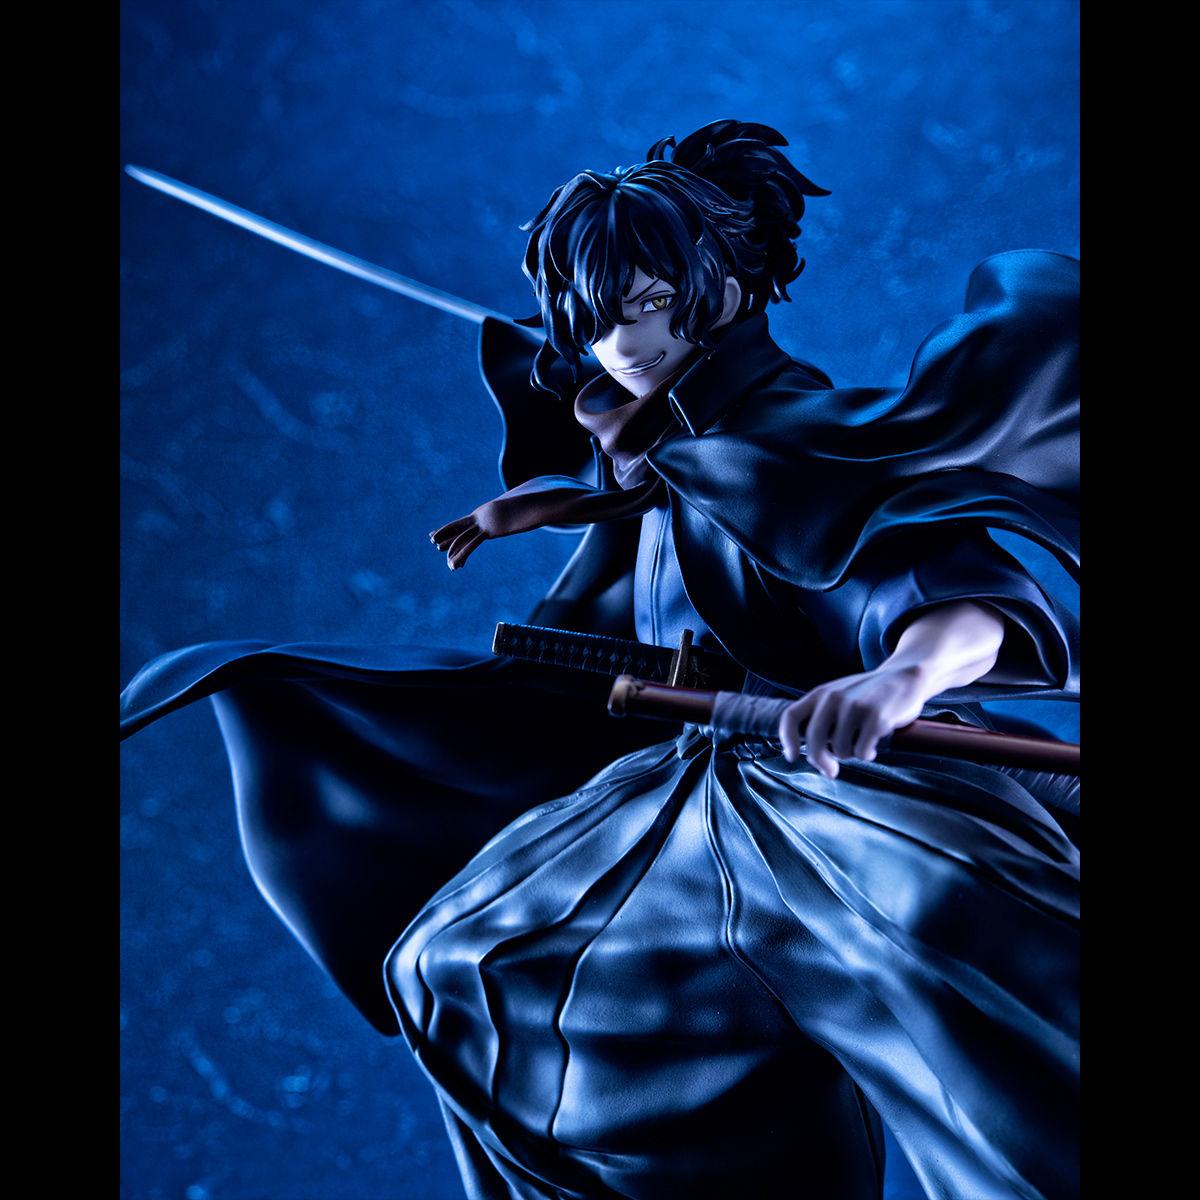 【限定販売】Fate/Grand Order『アサシン/岡田以蔵』1/8 完成品フィギュア-009